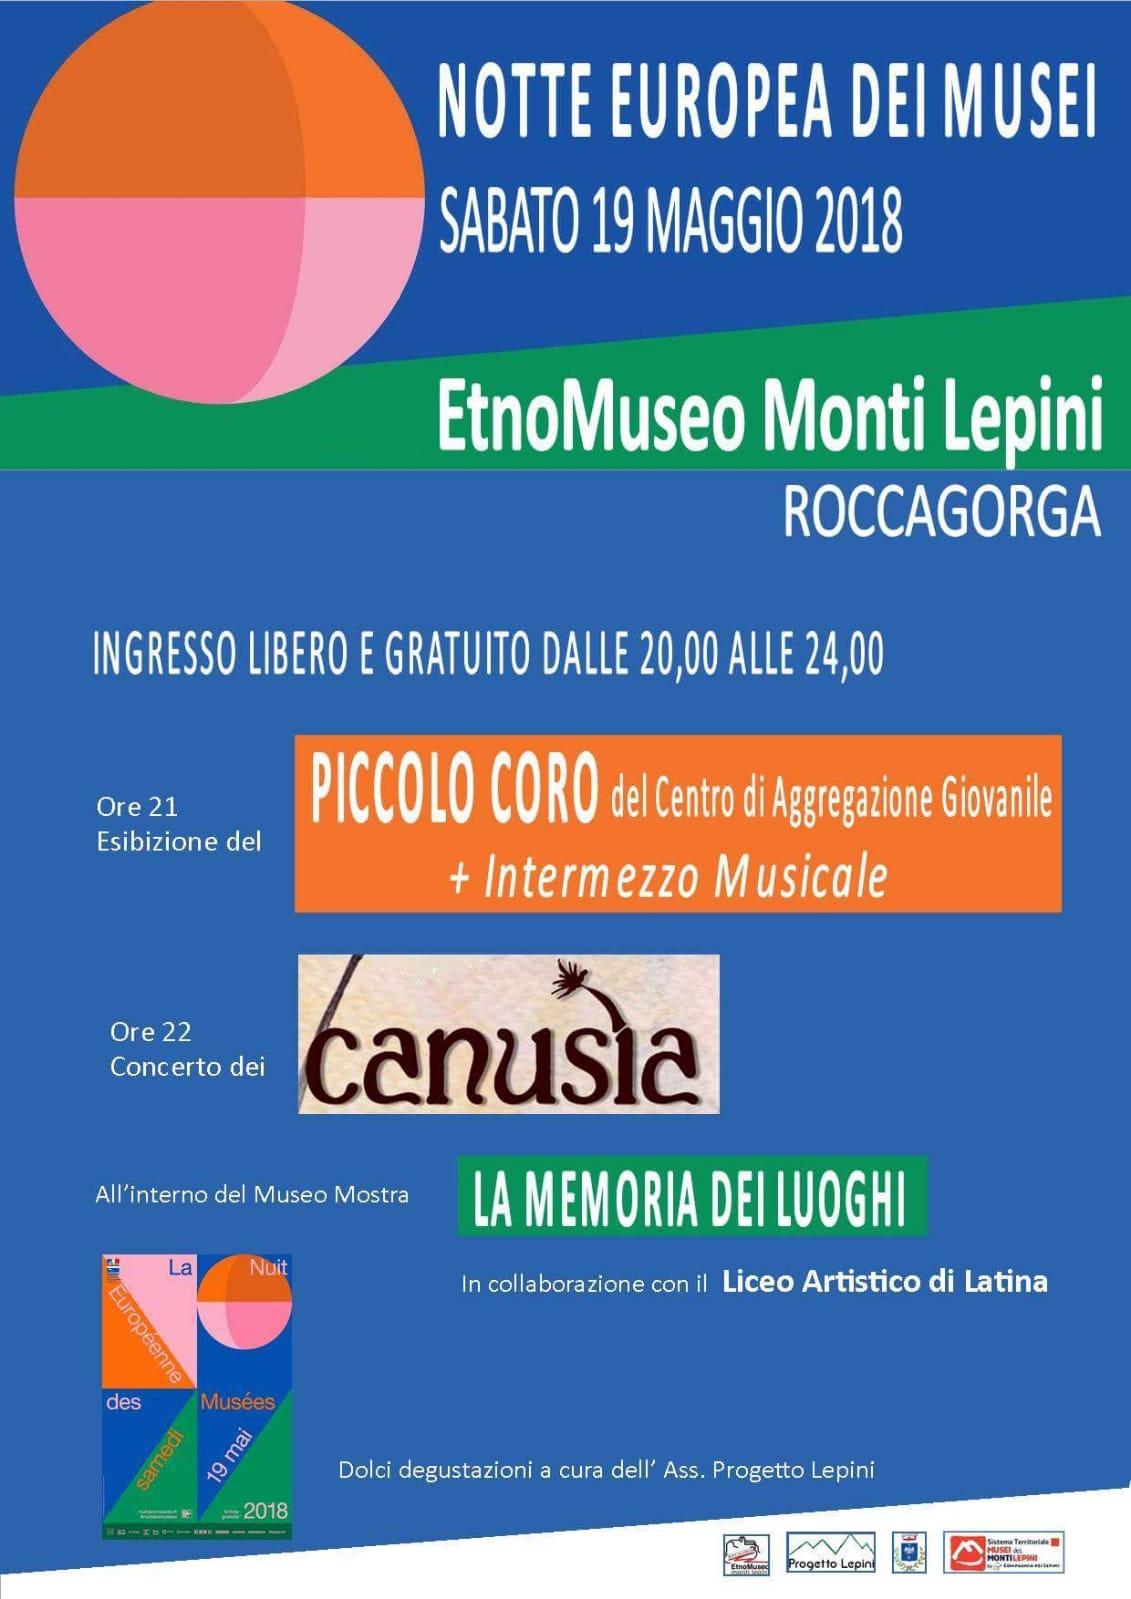 Roccagorga: La notte europea dei musei @ EtnoMuseo dei Monti Lepini | Roccagorga | Lazio | Italia